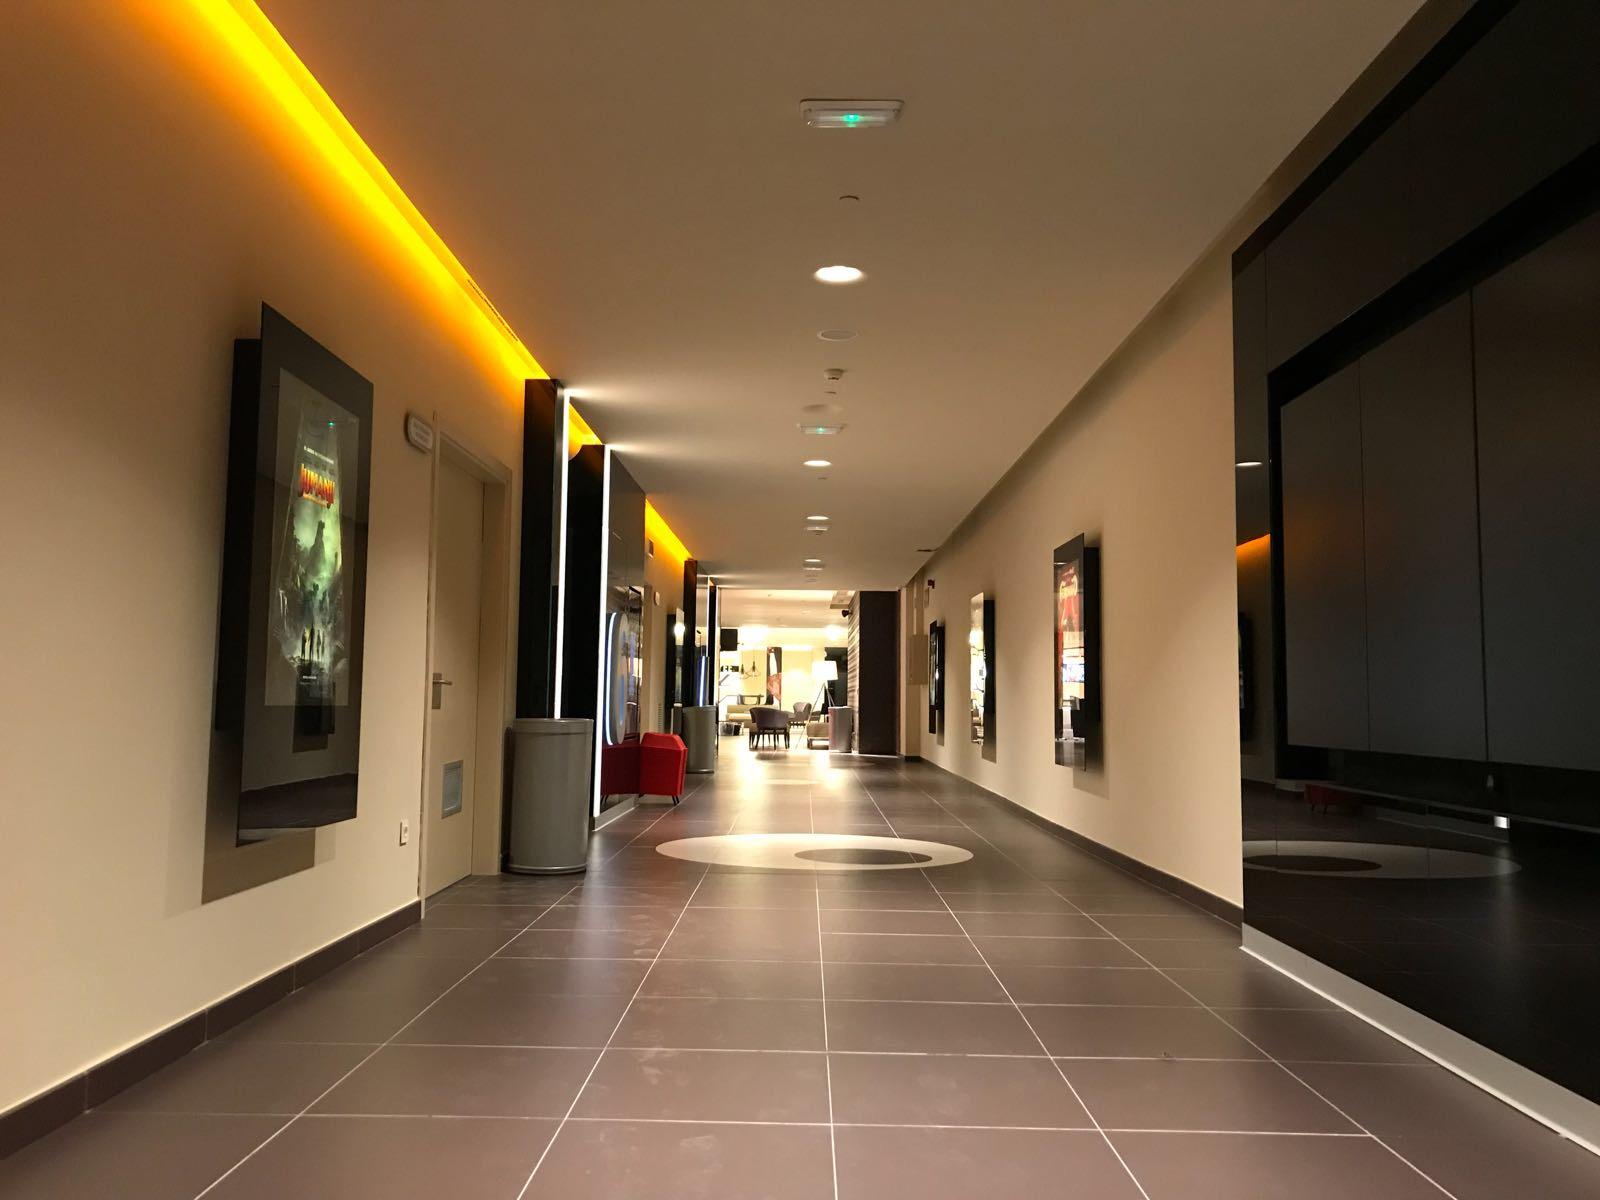 Opincan - Salas de cine Yelmo en el Centro Comercial Alisios 03